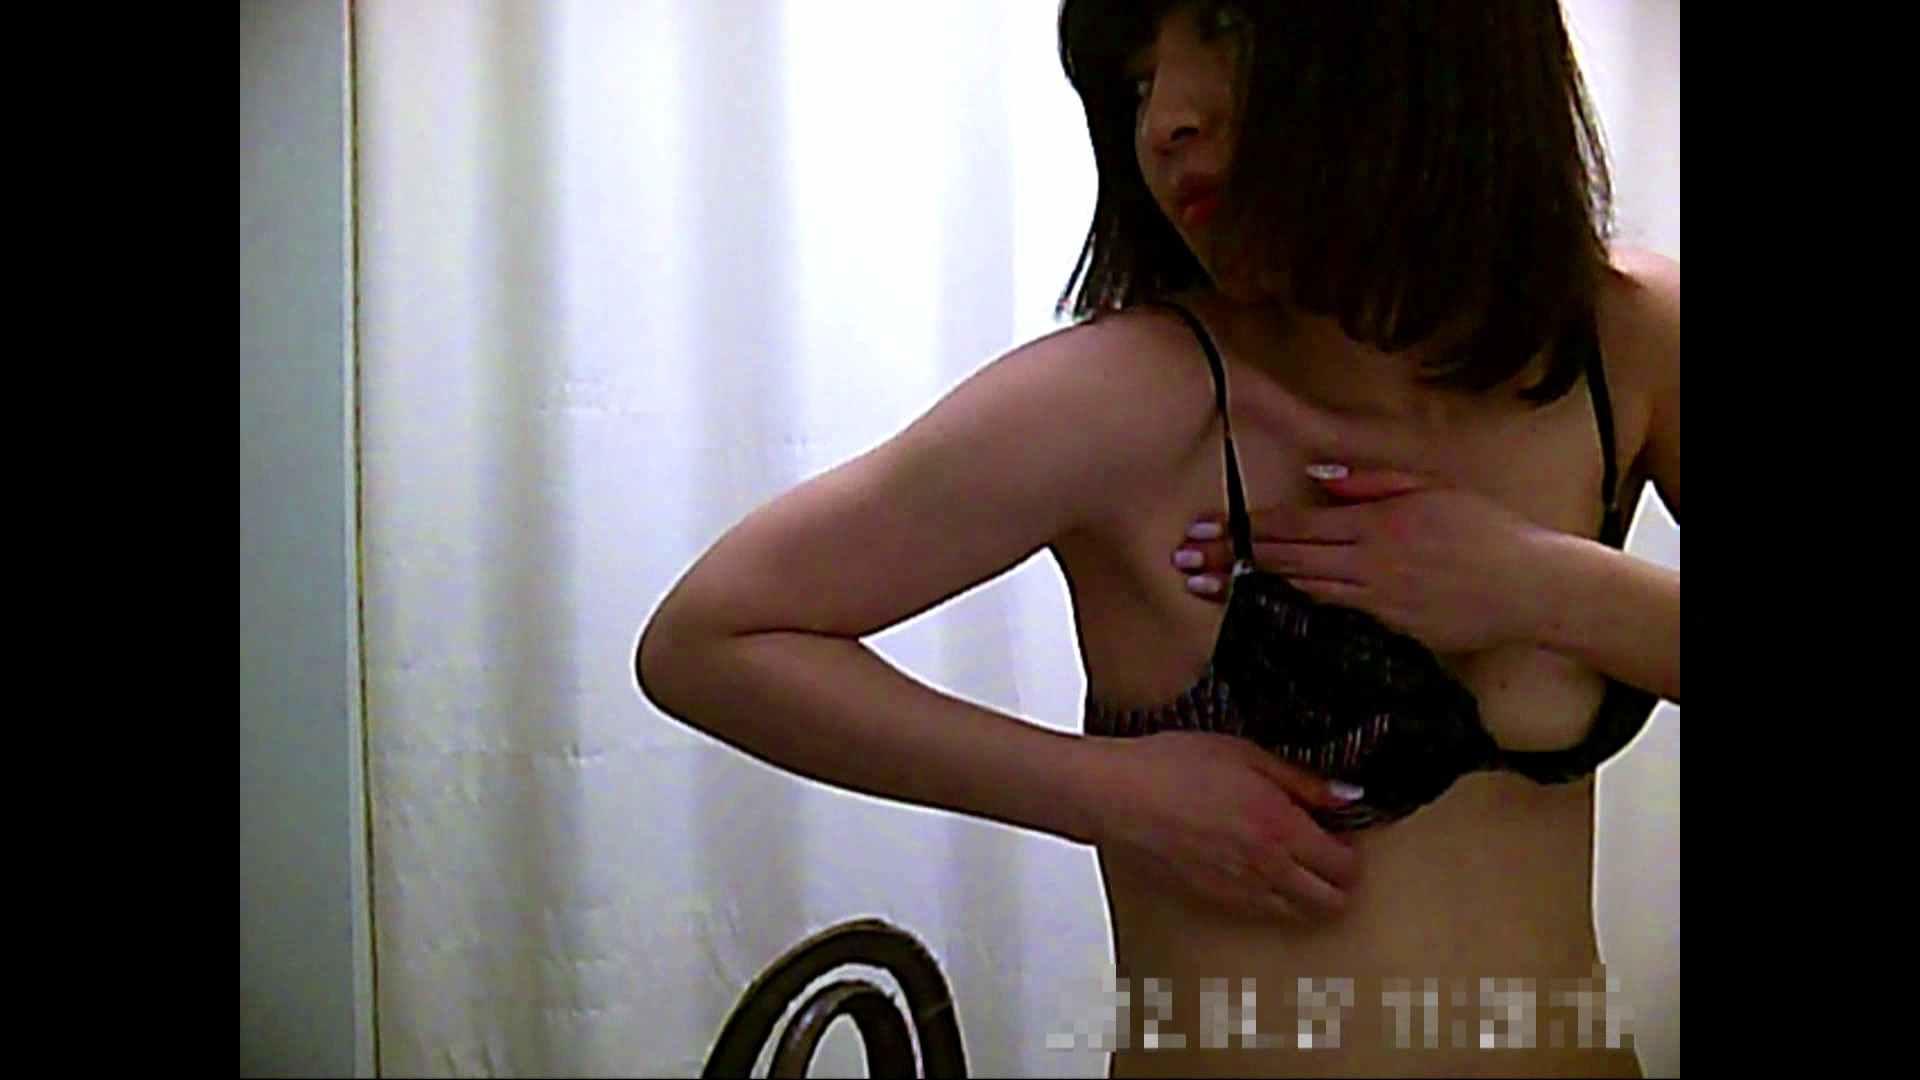 元医者による反抗 更衣室地獄絵巻 vol.004 OL  94pic 25